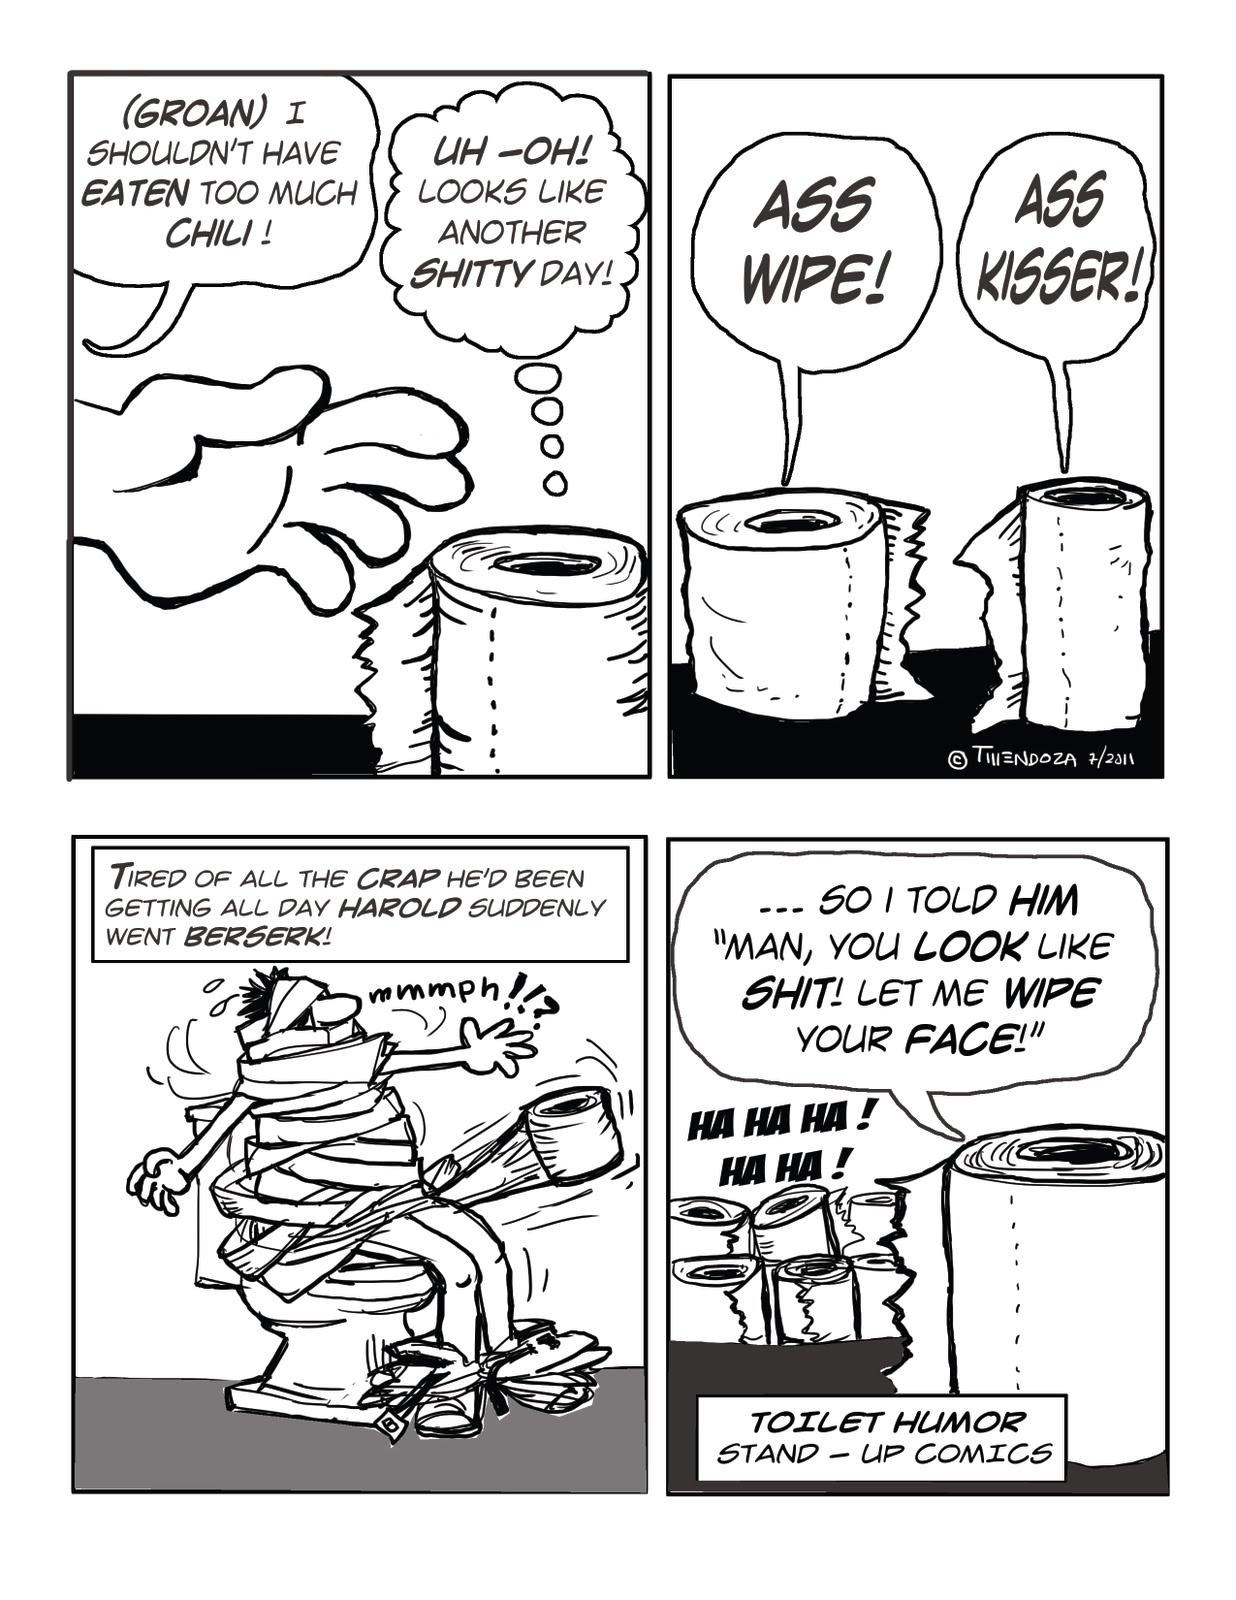 toilet humor paper jokes quotes quotesgram